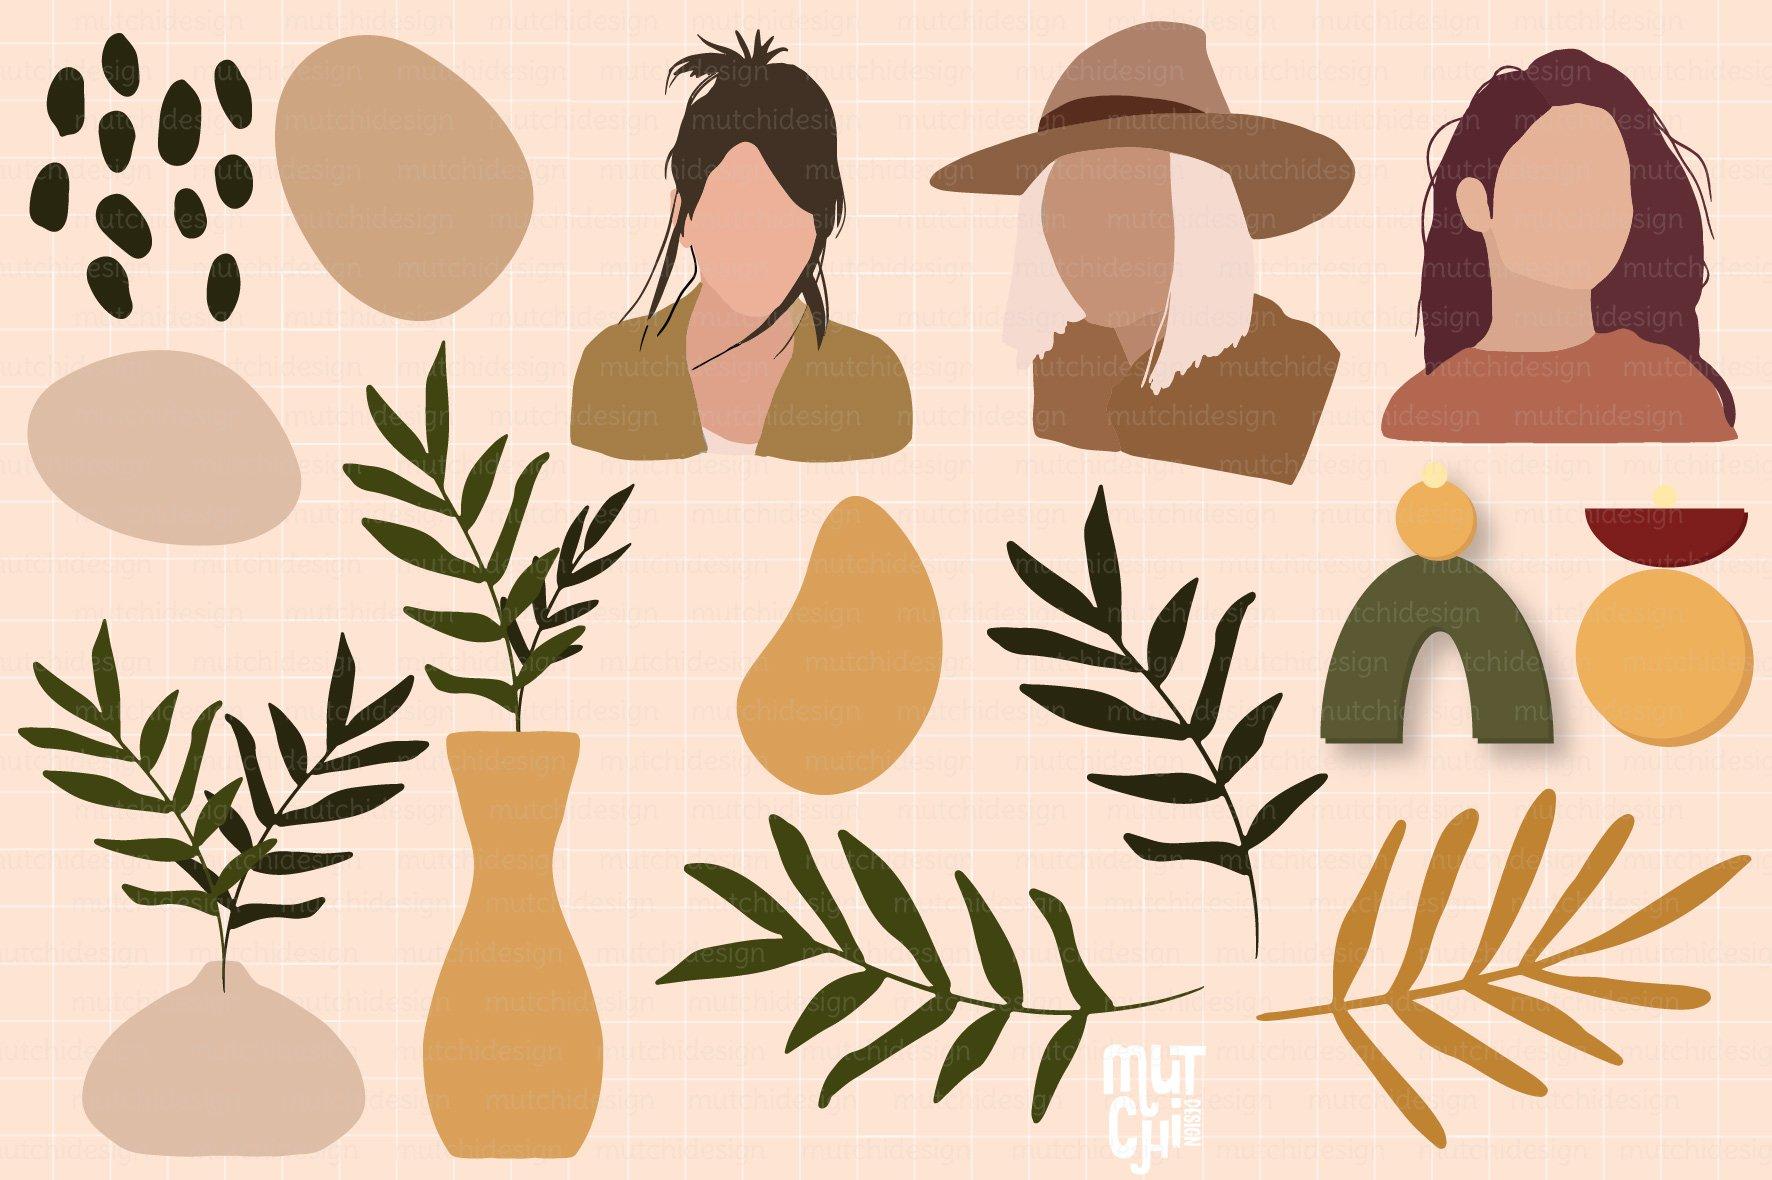 26个女性肖像树叶手绘剪贴画矢量图设计素材 Boho SVG, EPS, PNG Graphics插图3